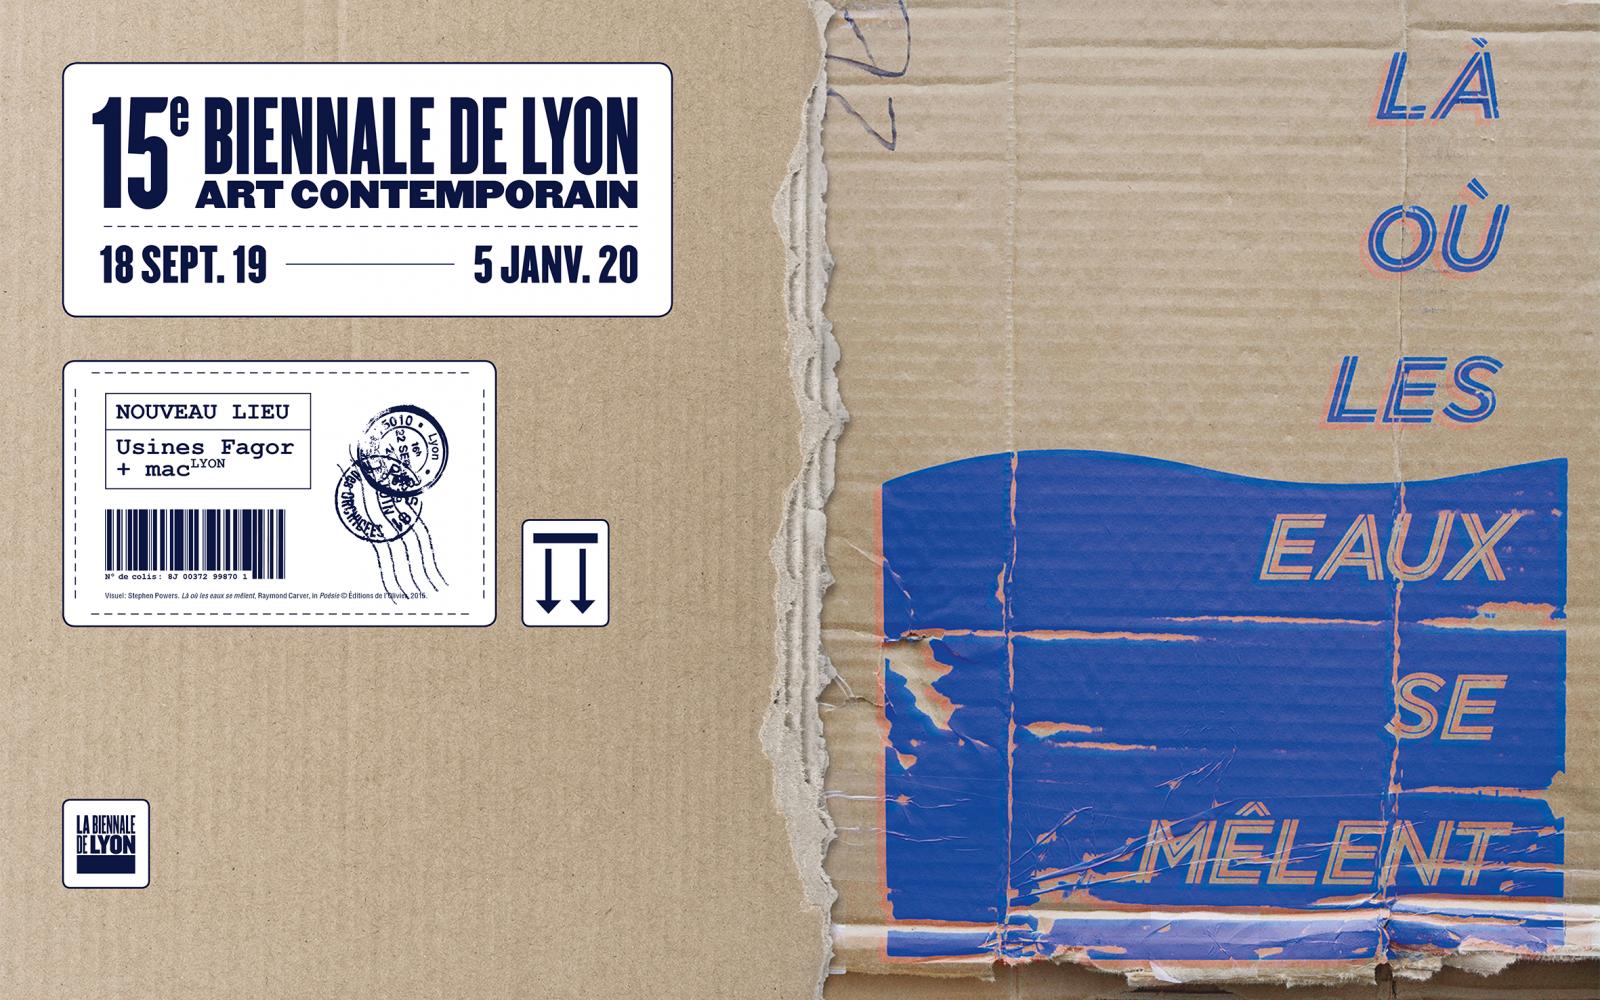 Université Populaire Centre Ardèche : Sortie 15ème biennale d'art contemporain de Lyon